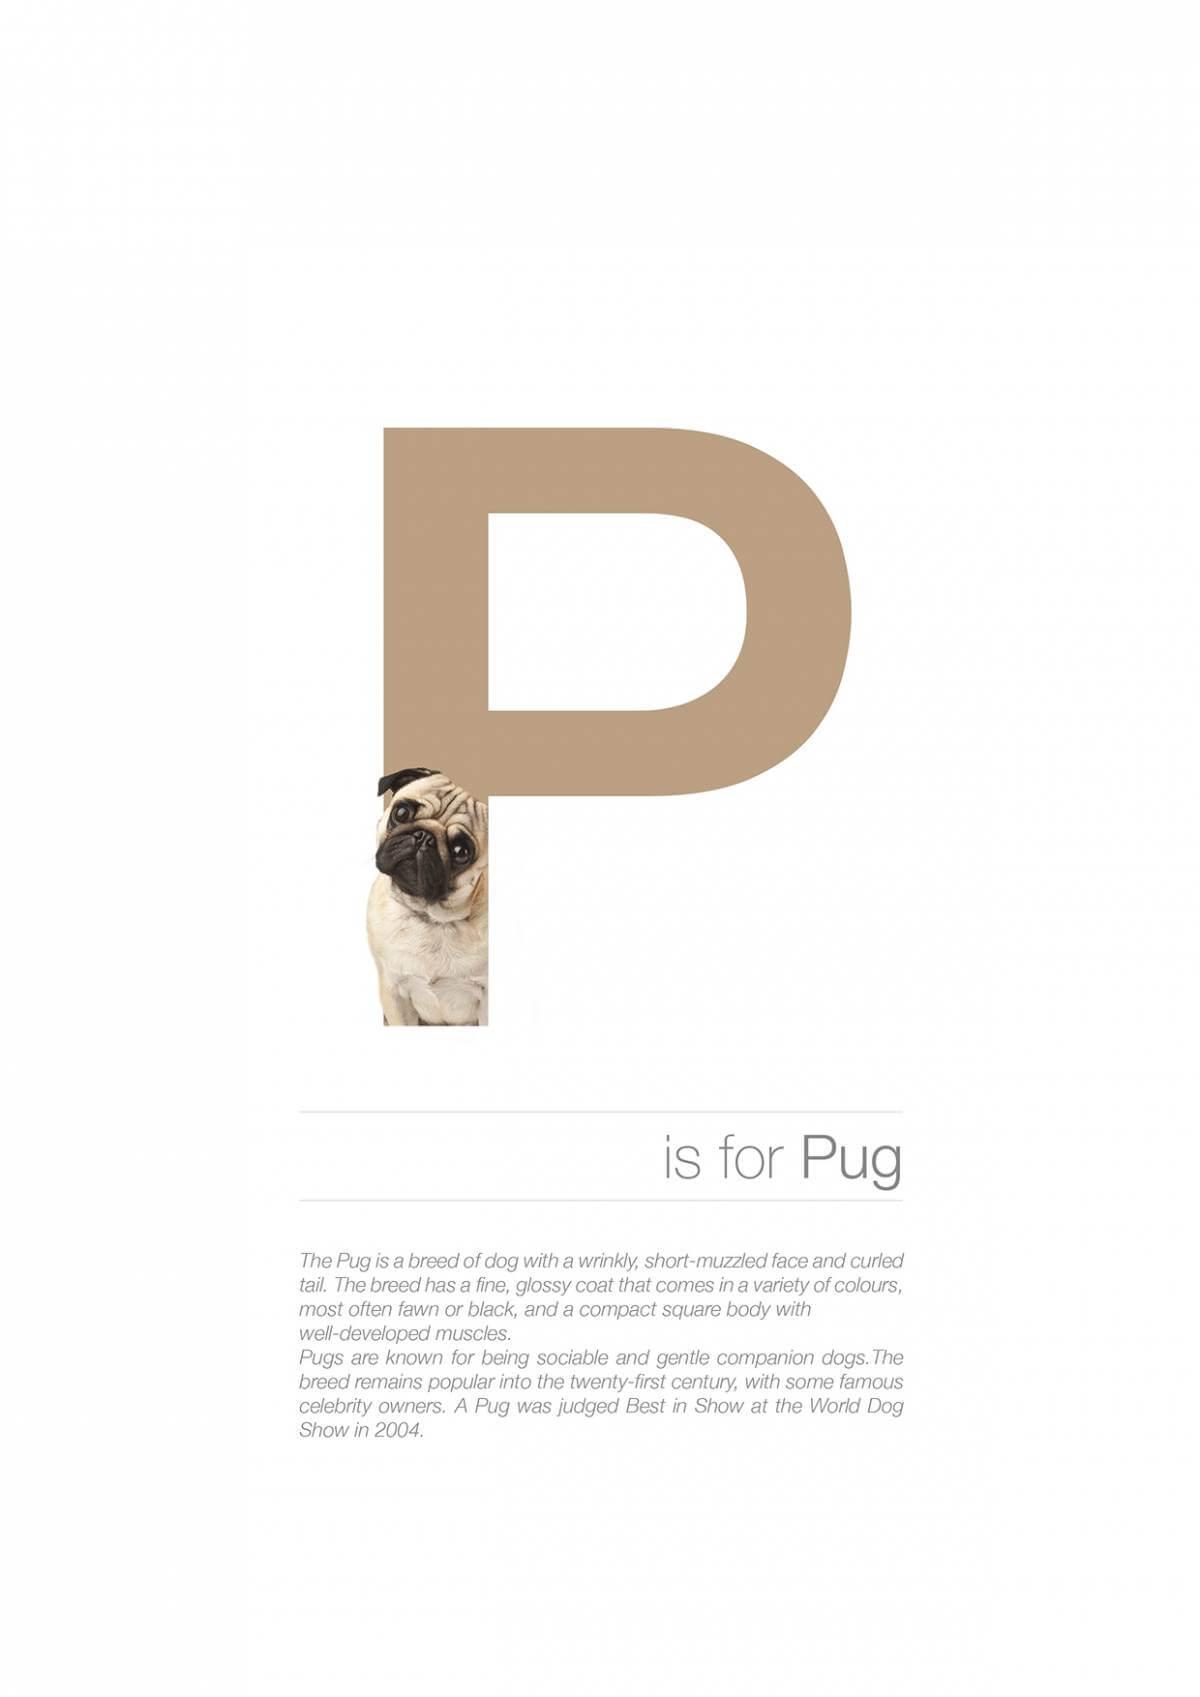 P ตัวอักษรกราฟฟิค A Z สายพันธุ์หมาไอเดียน่ารักจากดีไซน์เนอร์โรมาเนีย